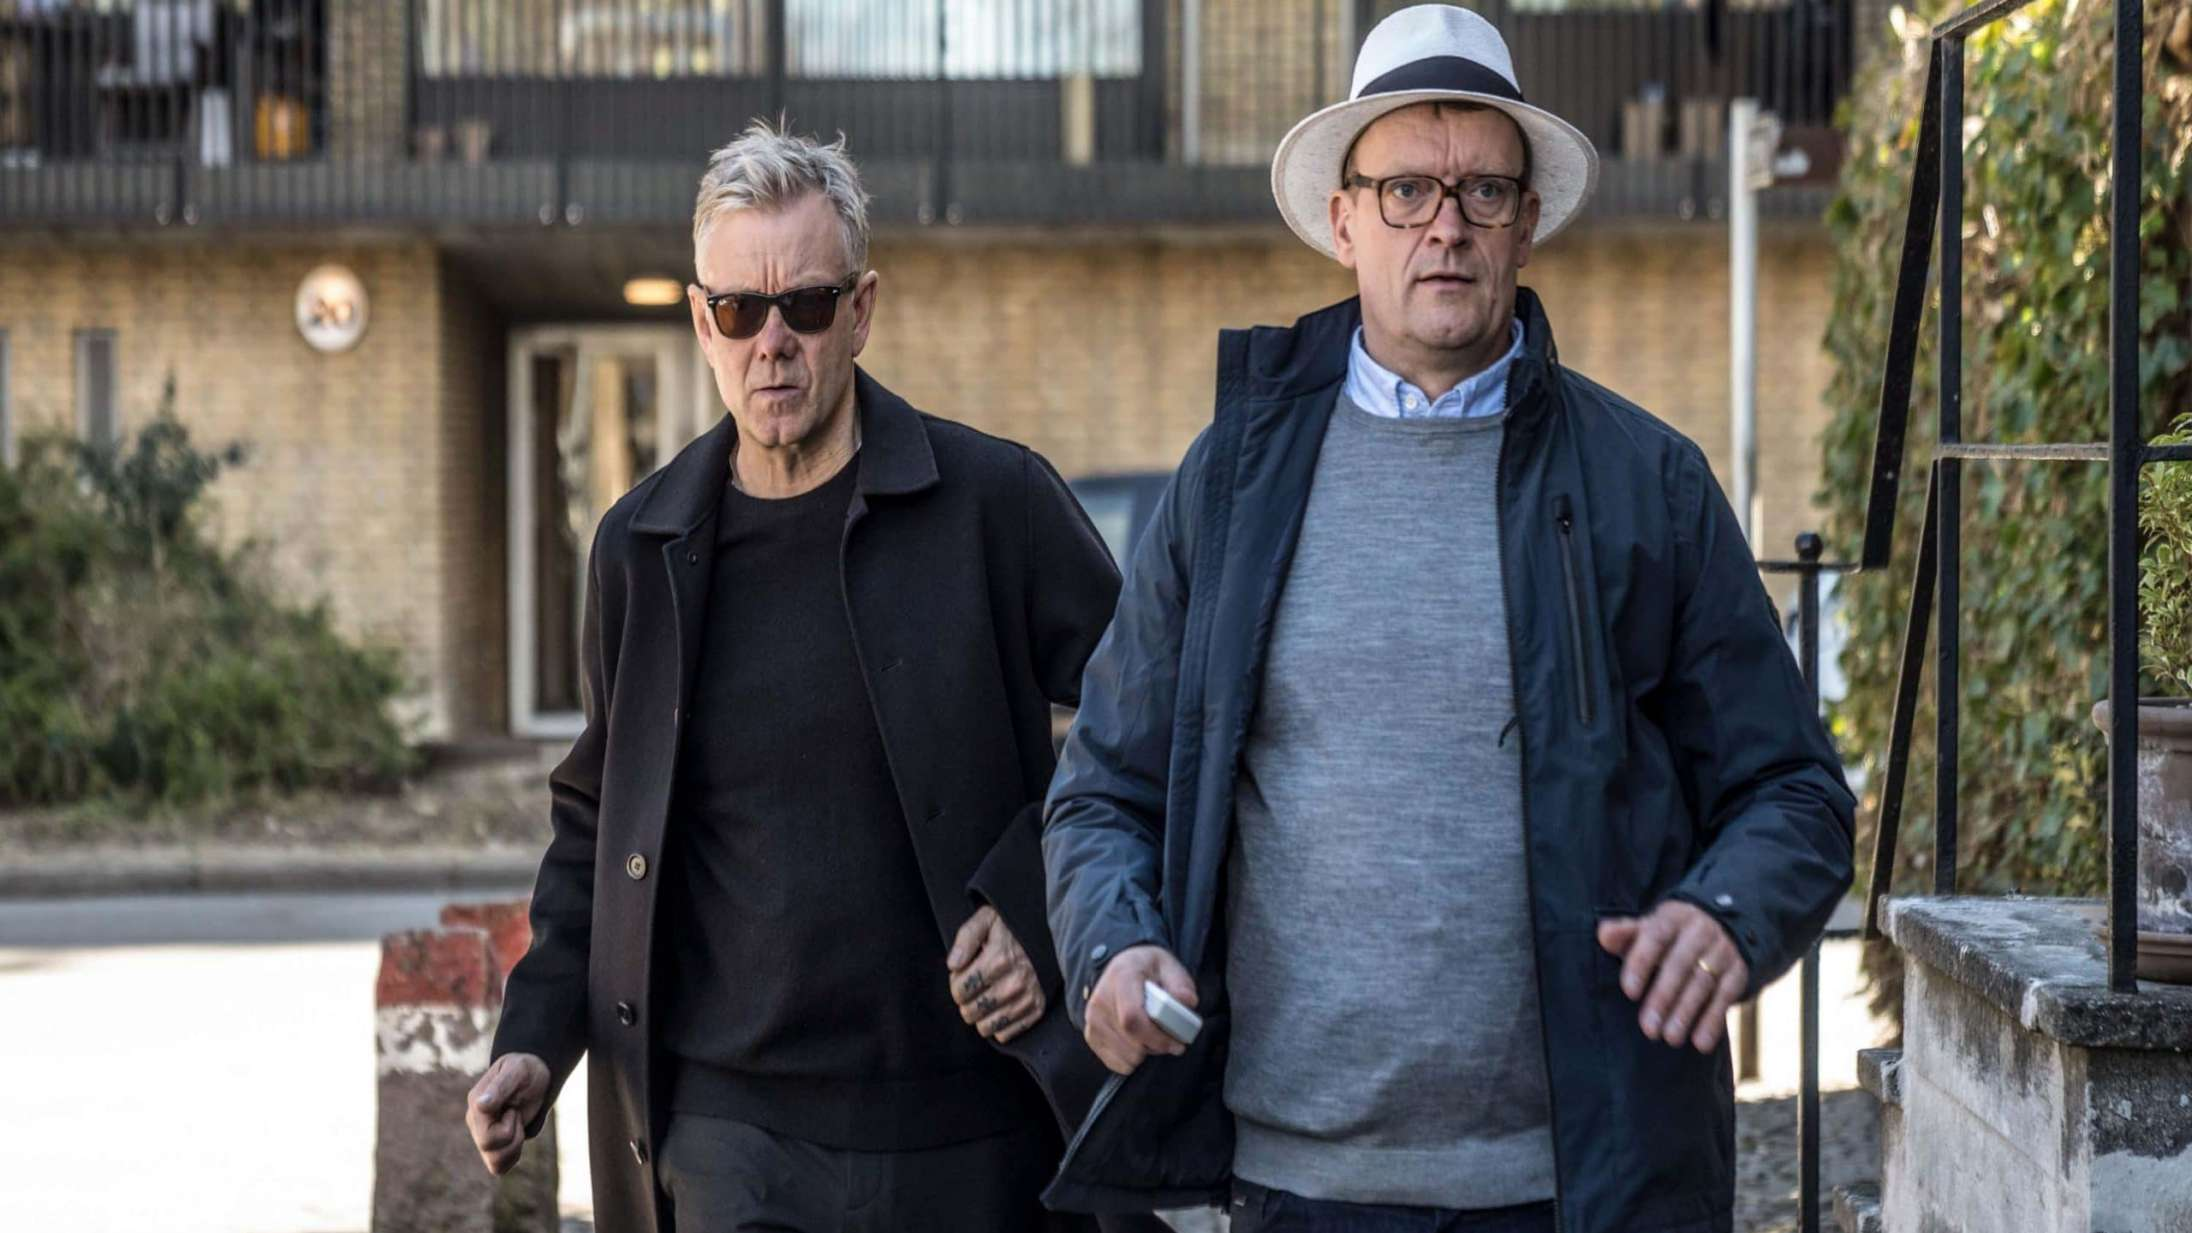 'Klovn' sæson 8: Tryg gensynsglæde trumfer sprængfarlig satire i nye afsnit med Casper og Frank